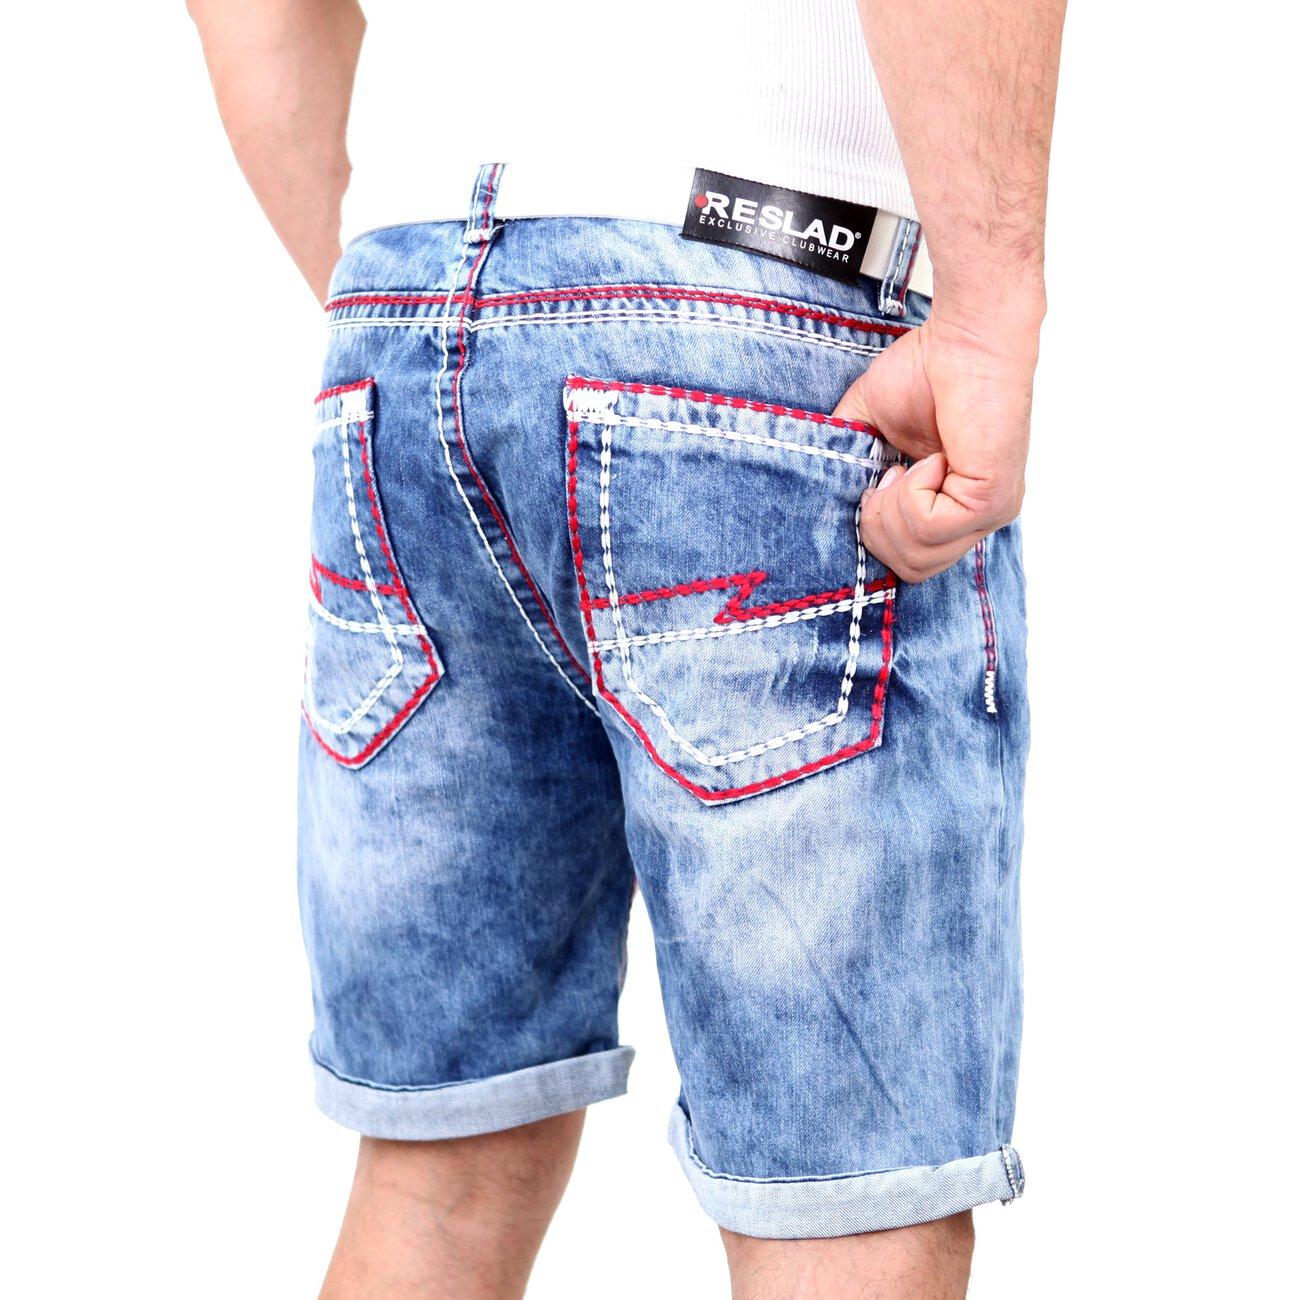 reslad jeans shorts herren dicke kontrast doppel naht. Black Bedroom Furniture Sets. Home Design Ideas